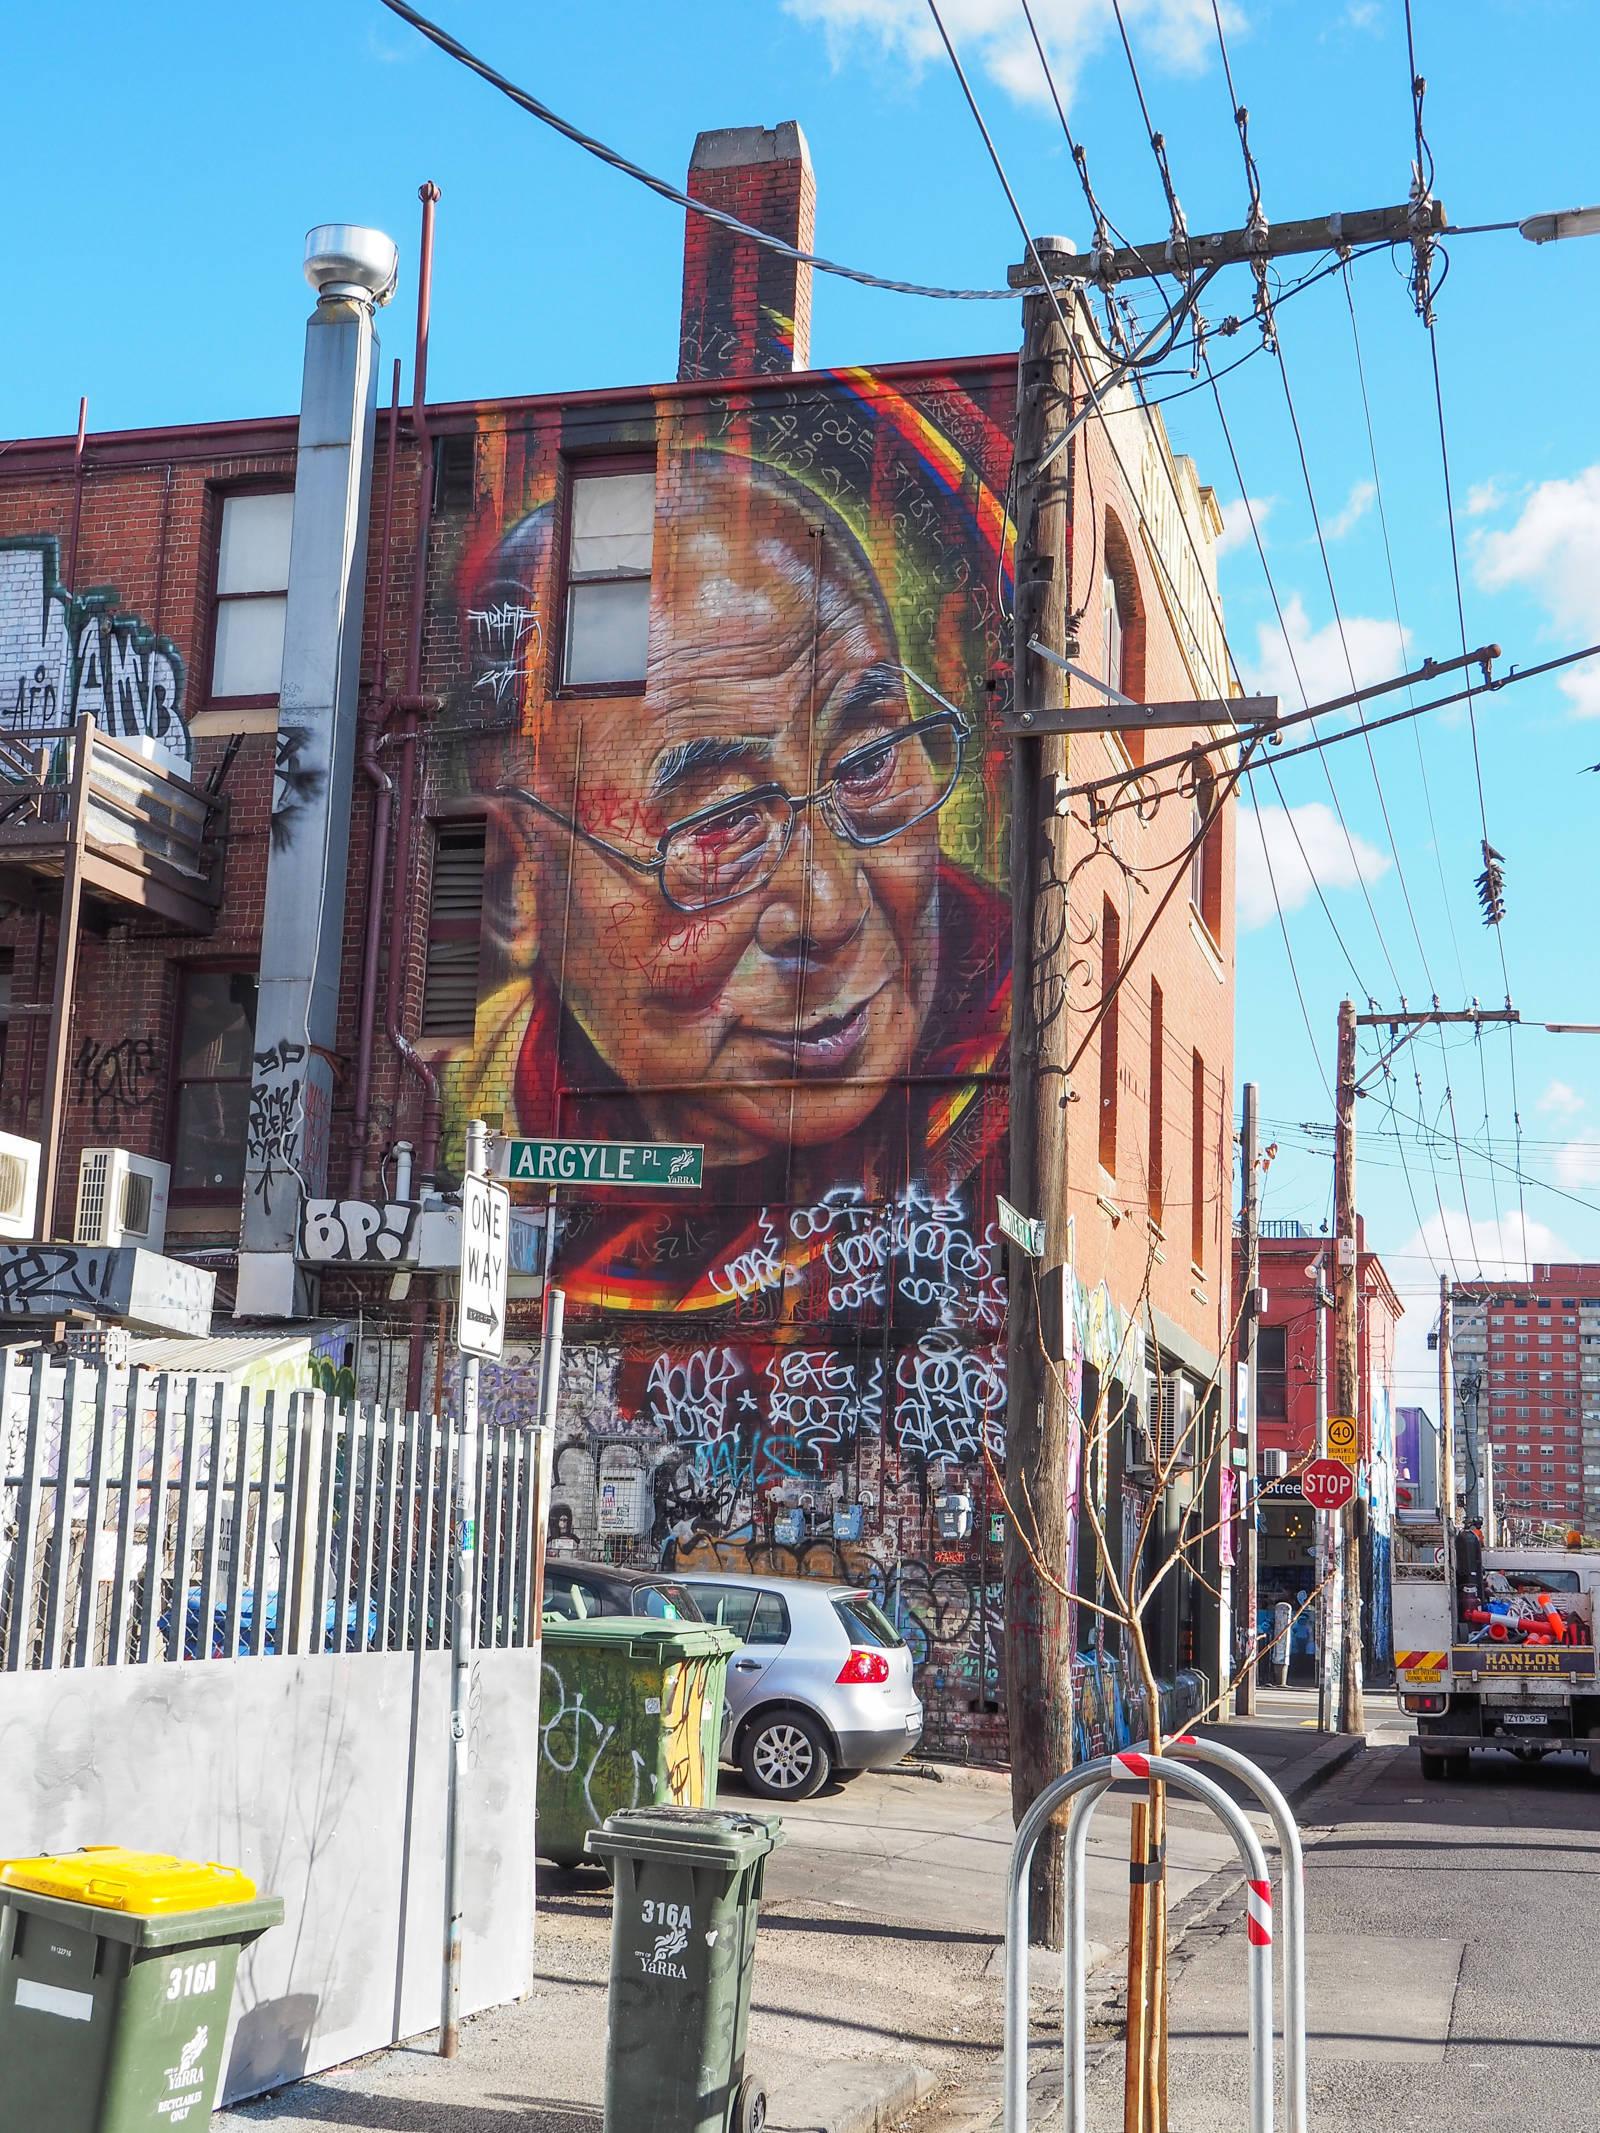 Melbourne Tag Dalailama